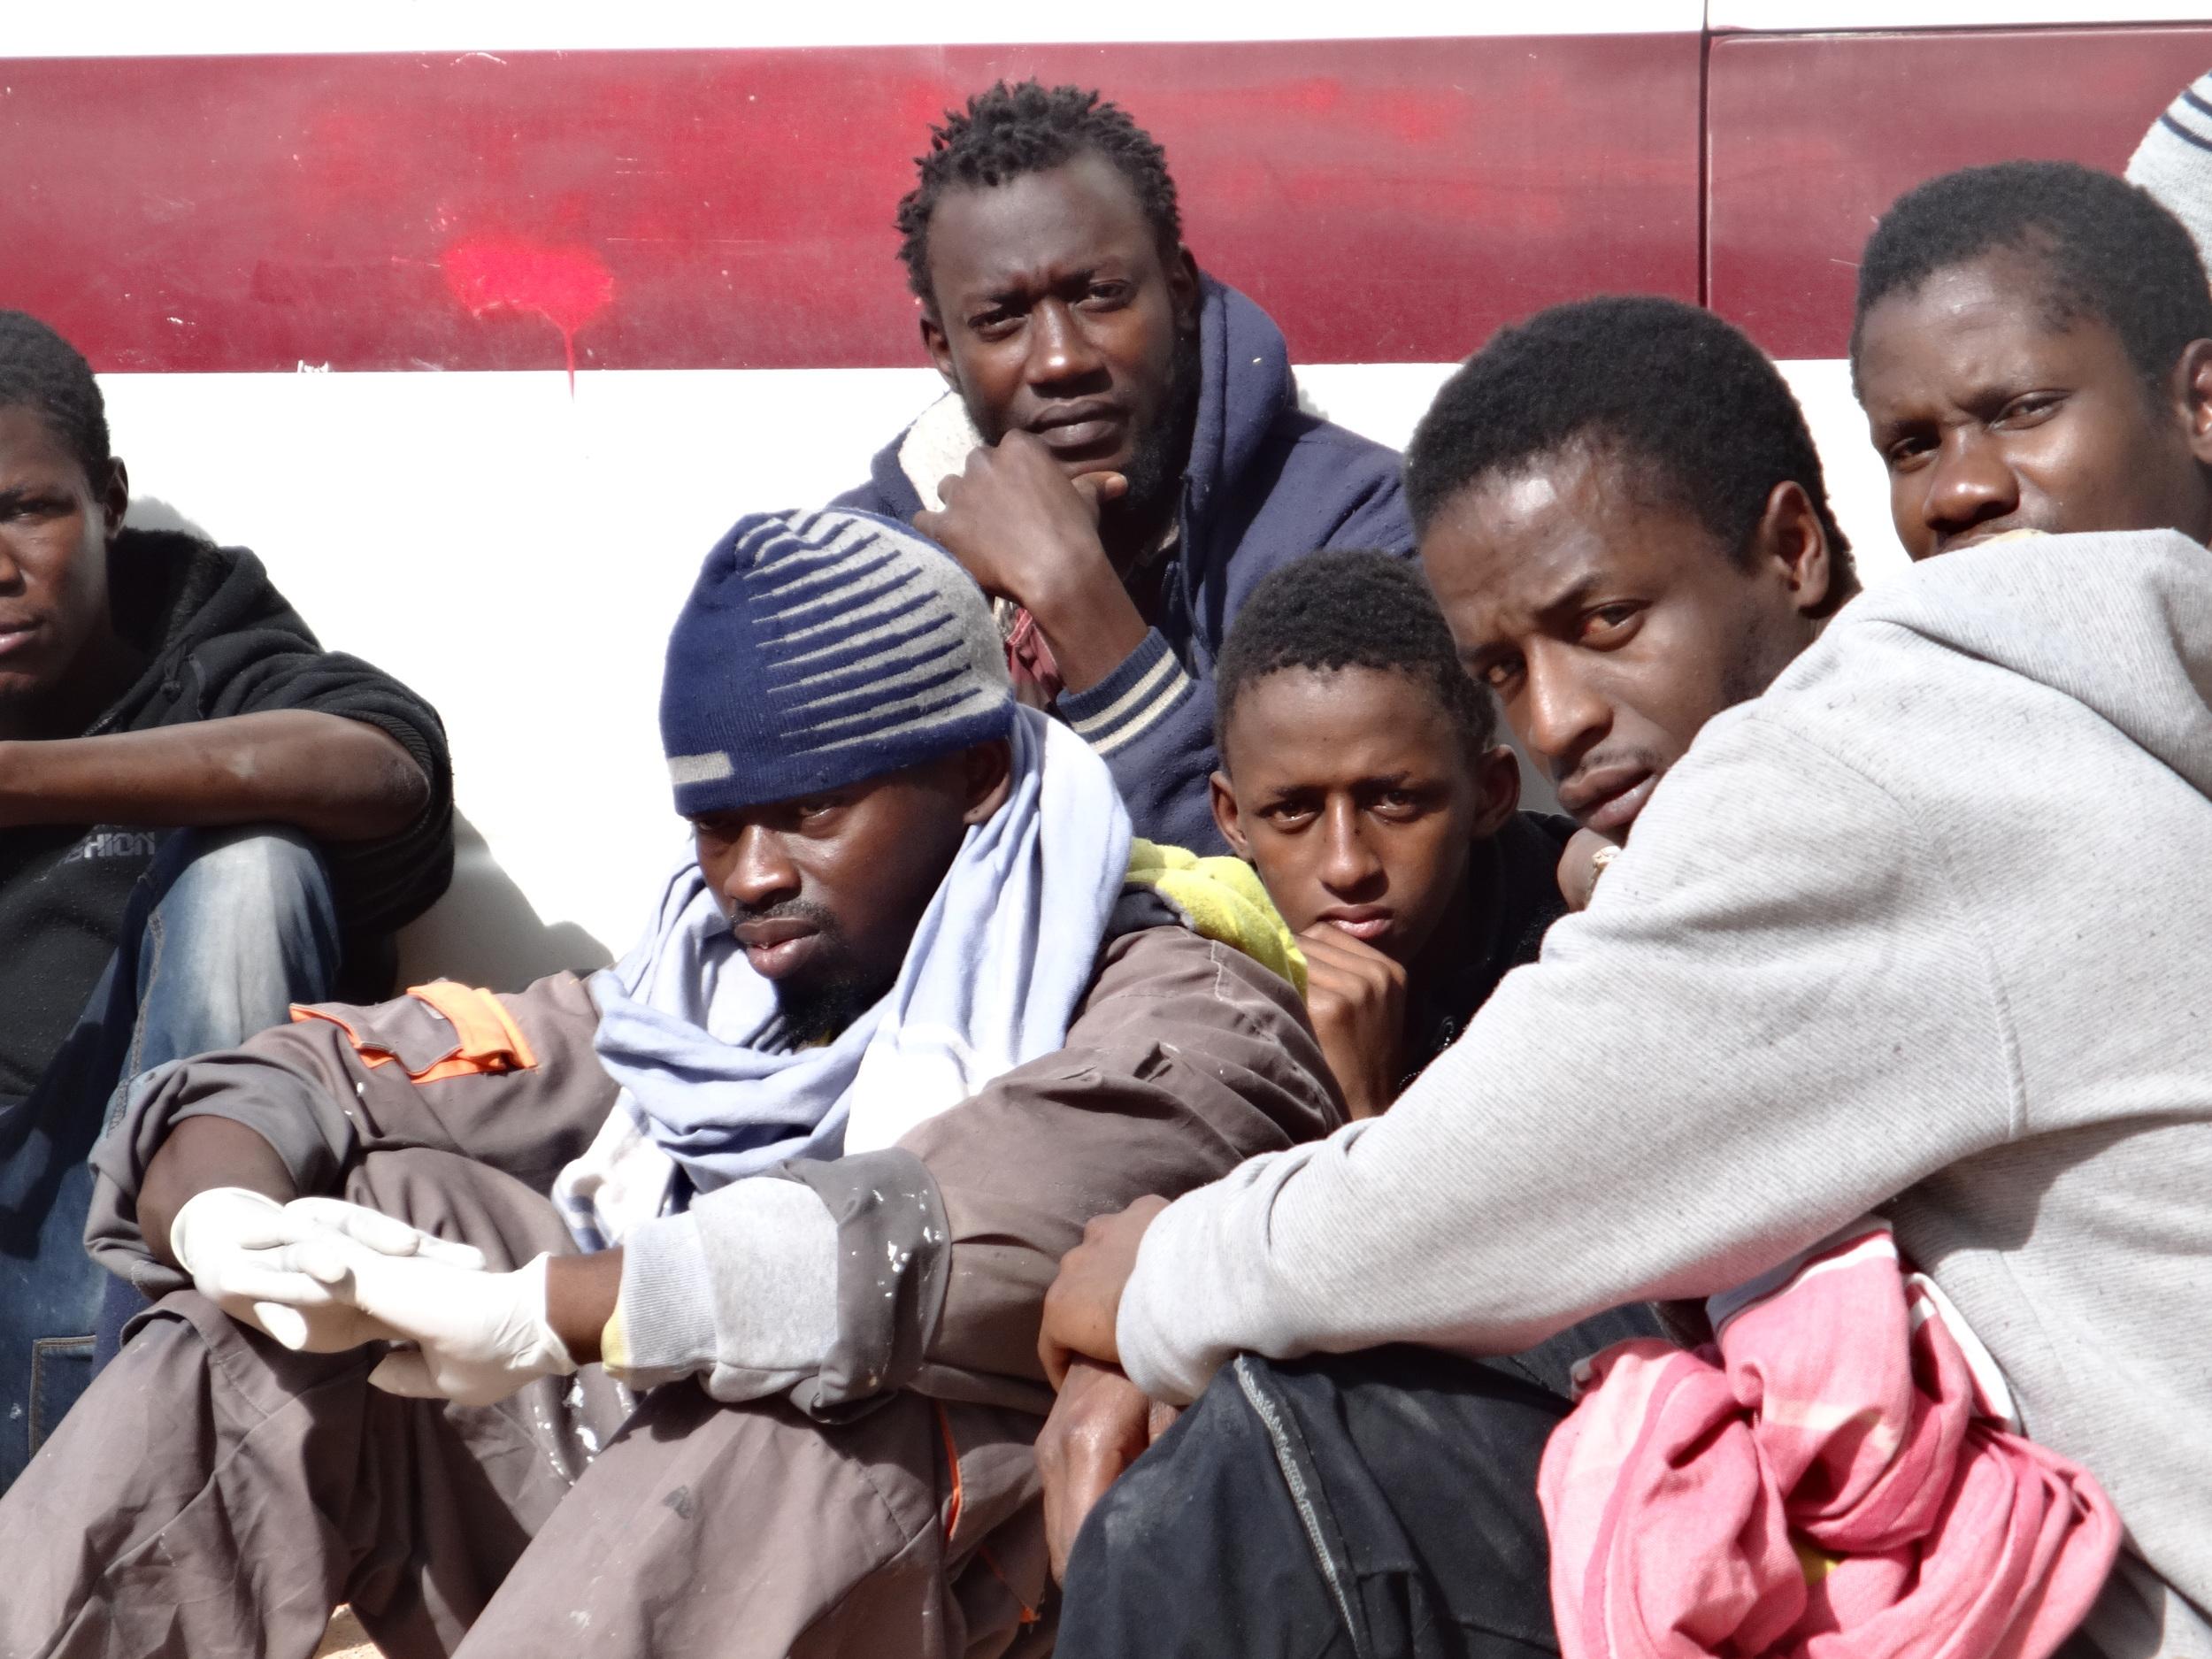 Des migrants rassemblés à l'extérieur du centre de rétention